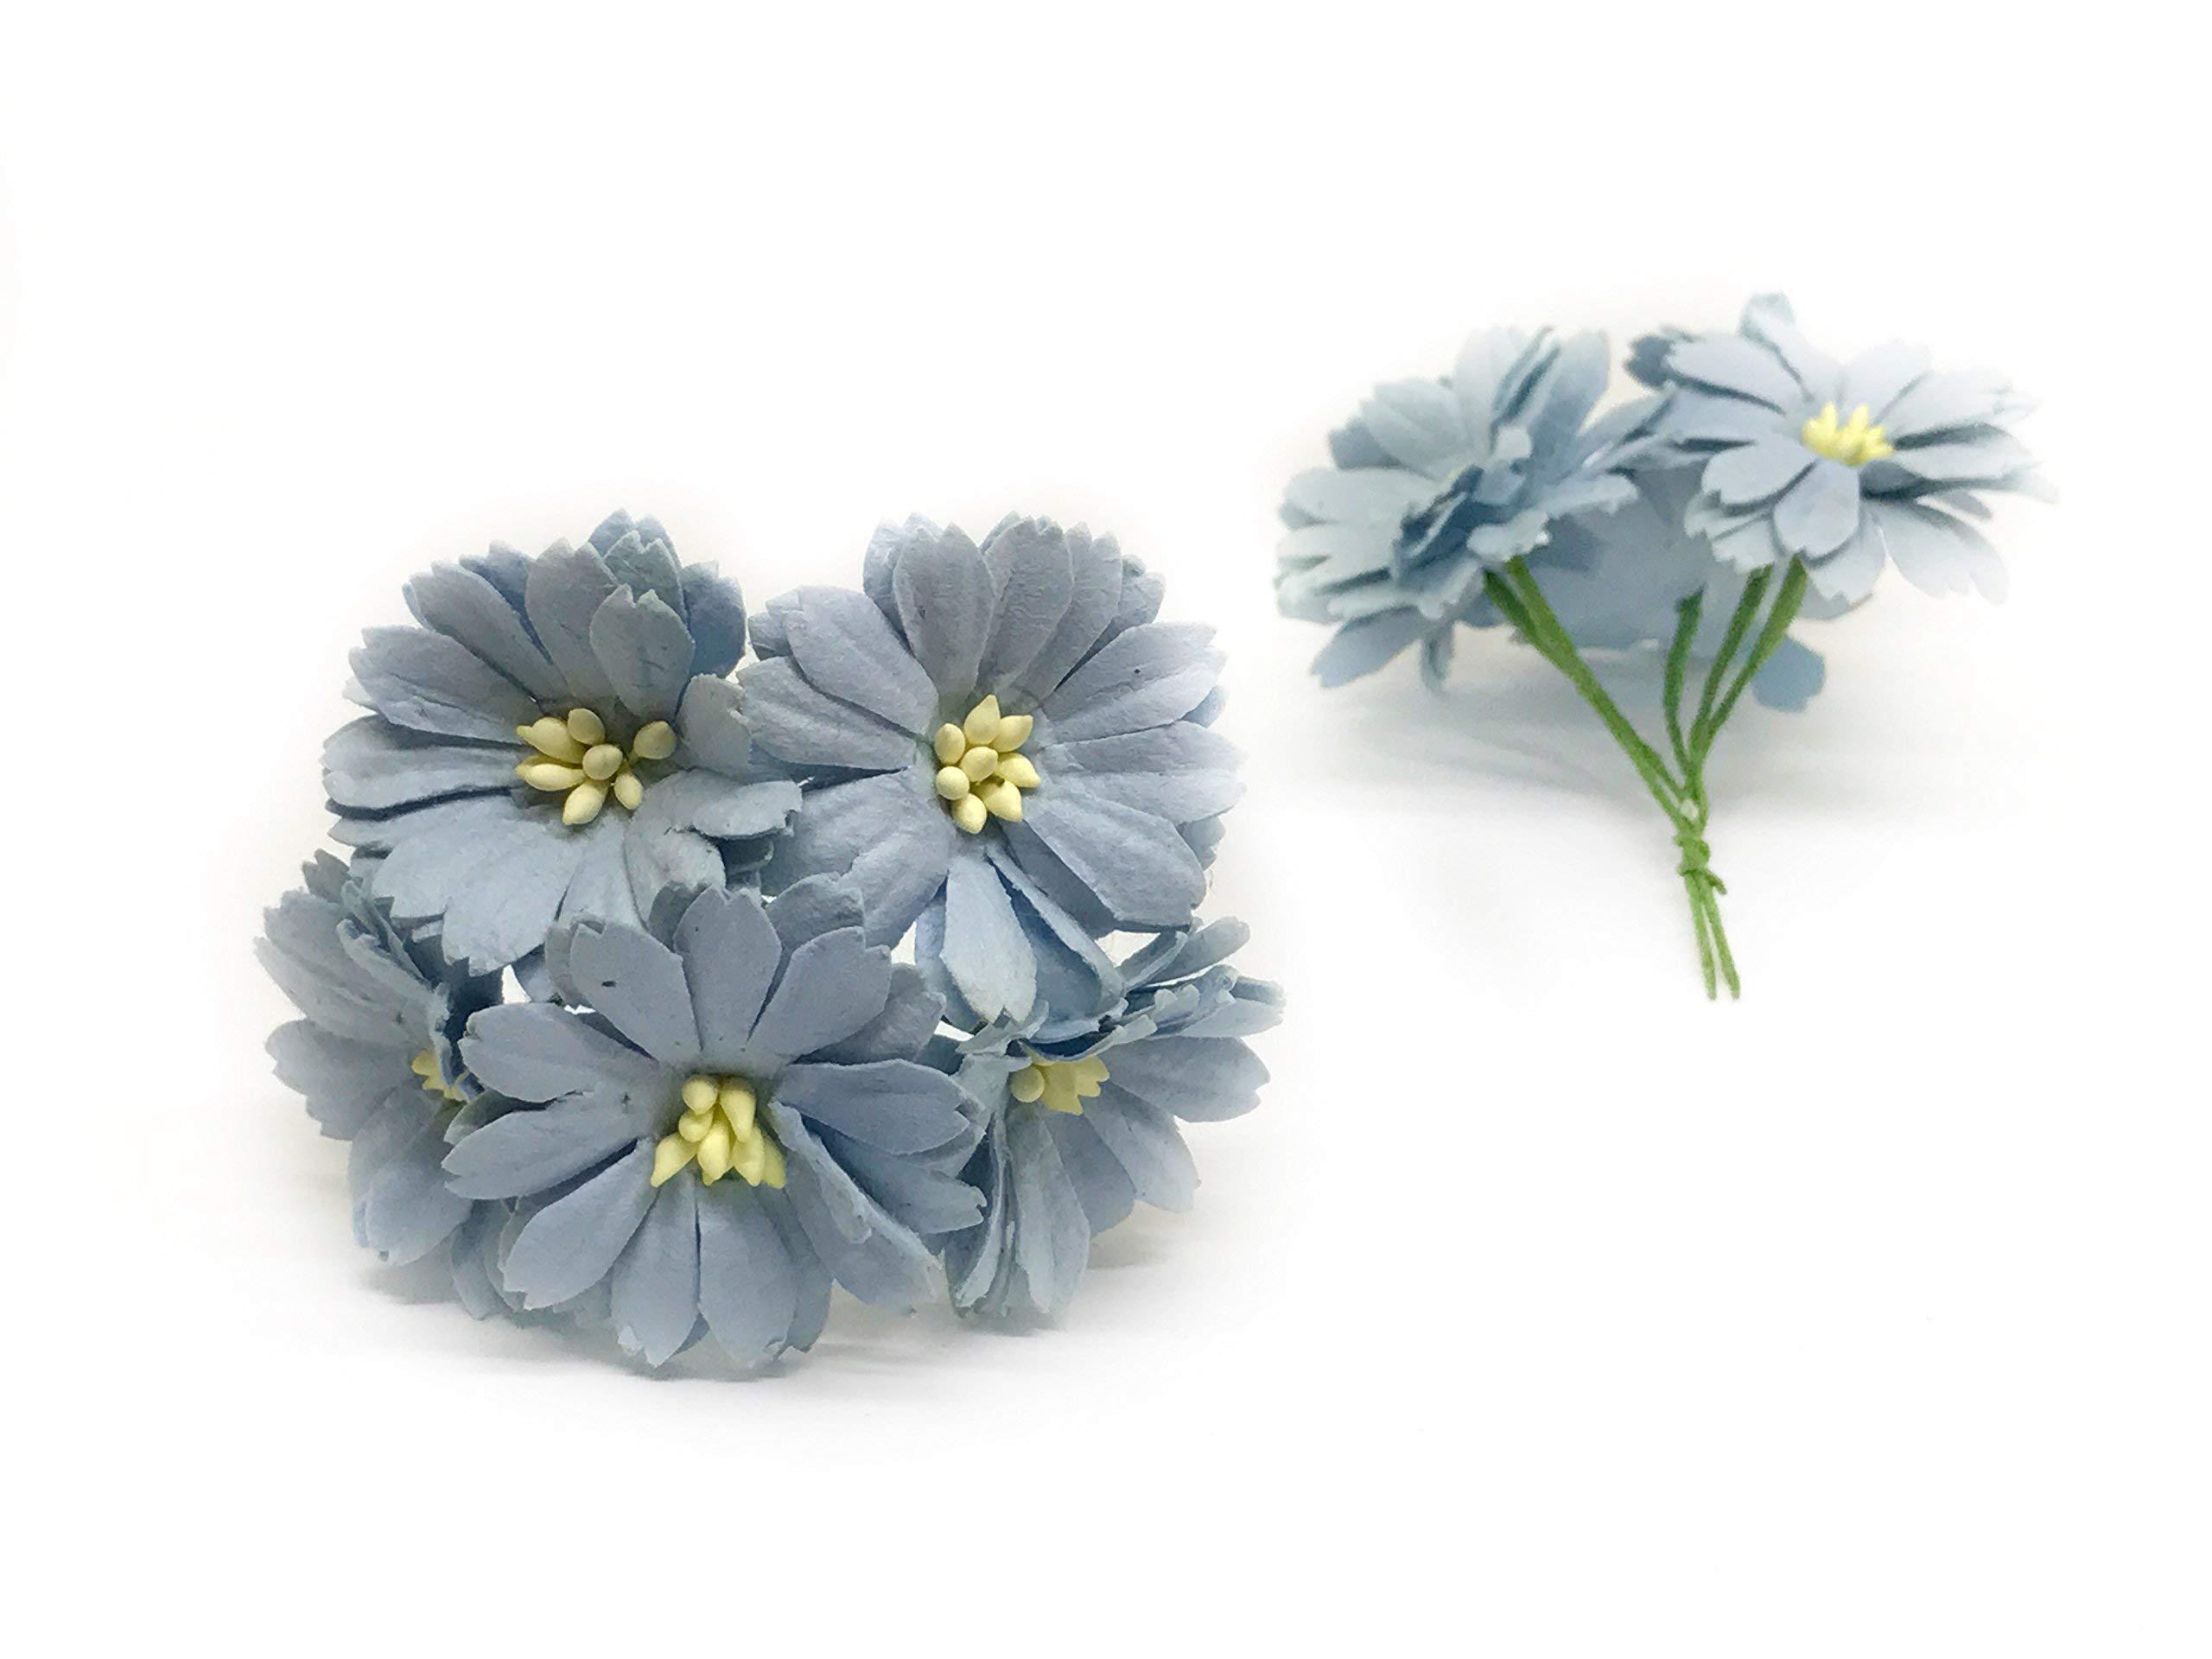 15-Blue-Paper-Daisies-Mulberry-Paper-Flowers-Miniature-Flowers-Mulberry-Paper-Daisy-Paper-Flower-Wedding-Favor-Decor-Artificial-Flowers-25-Pieces